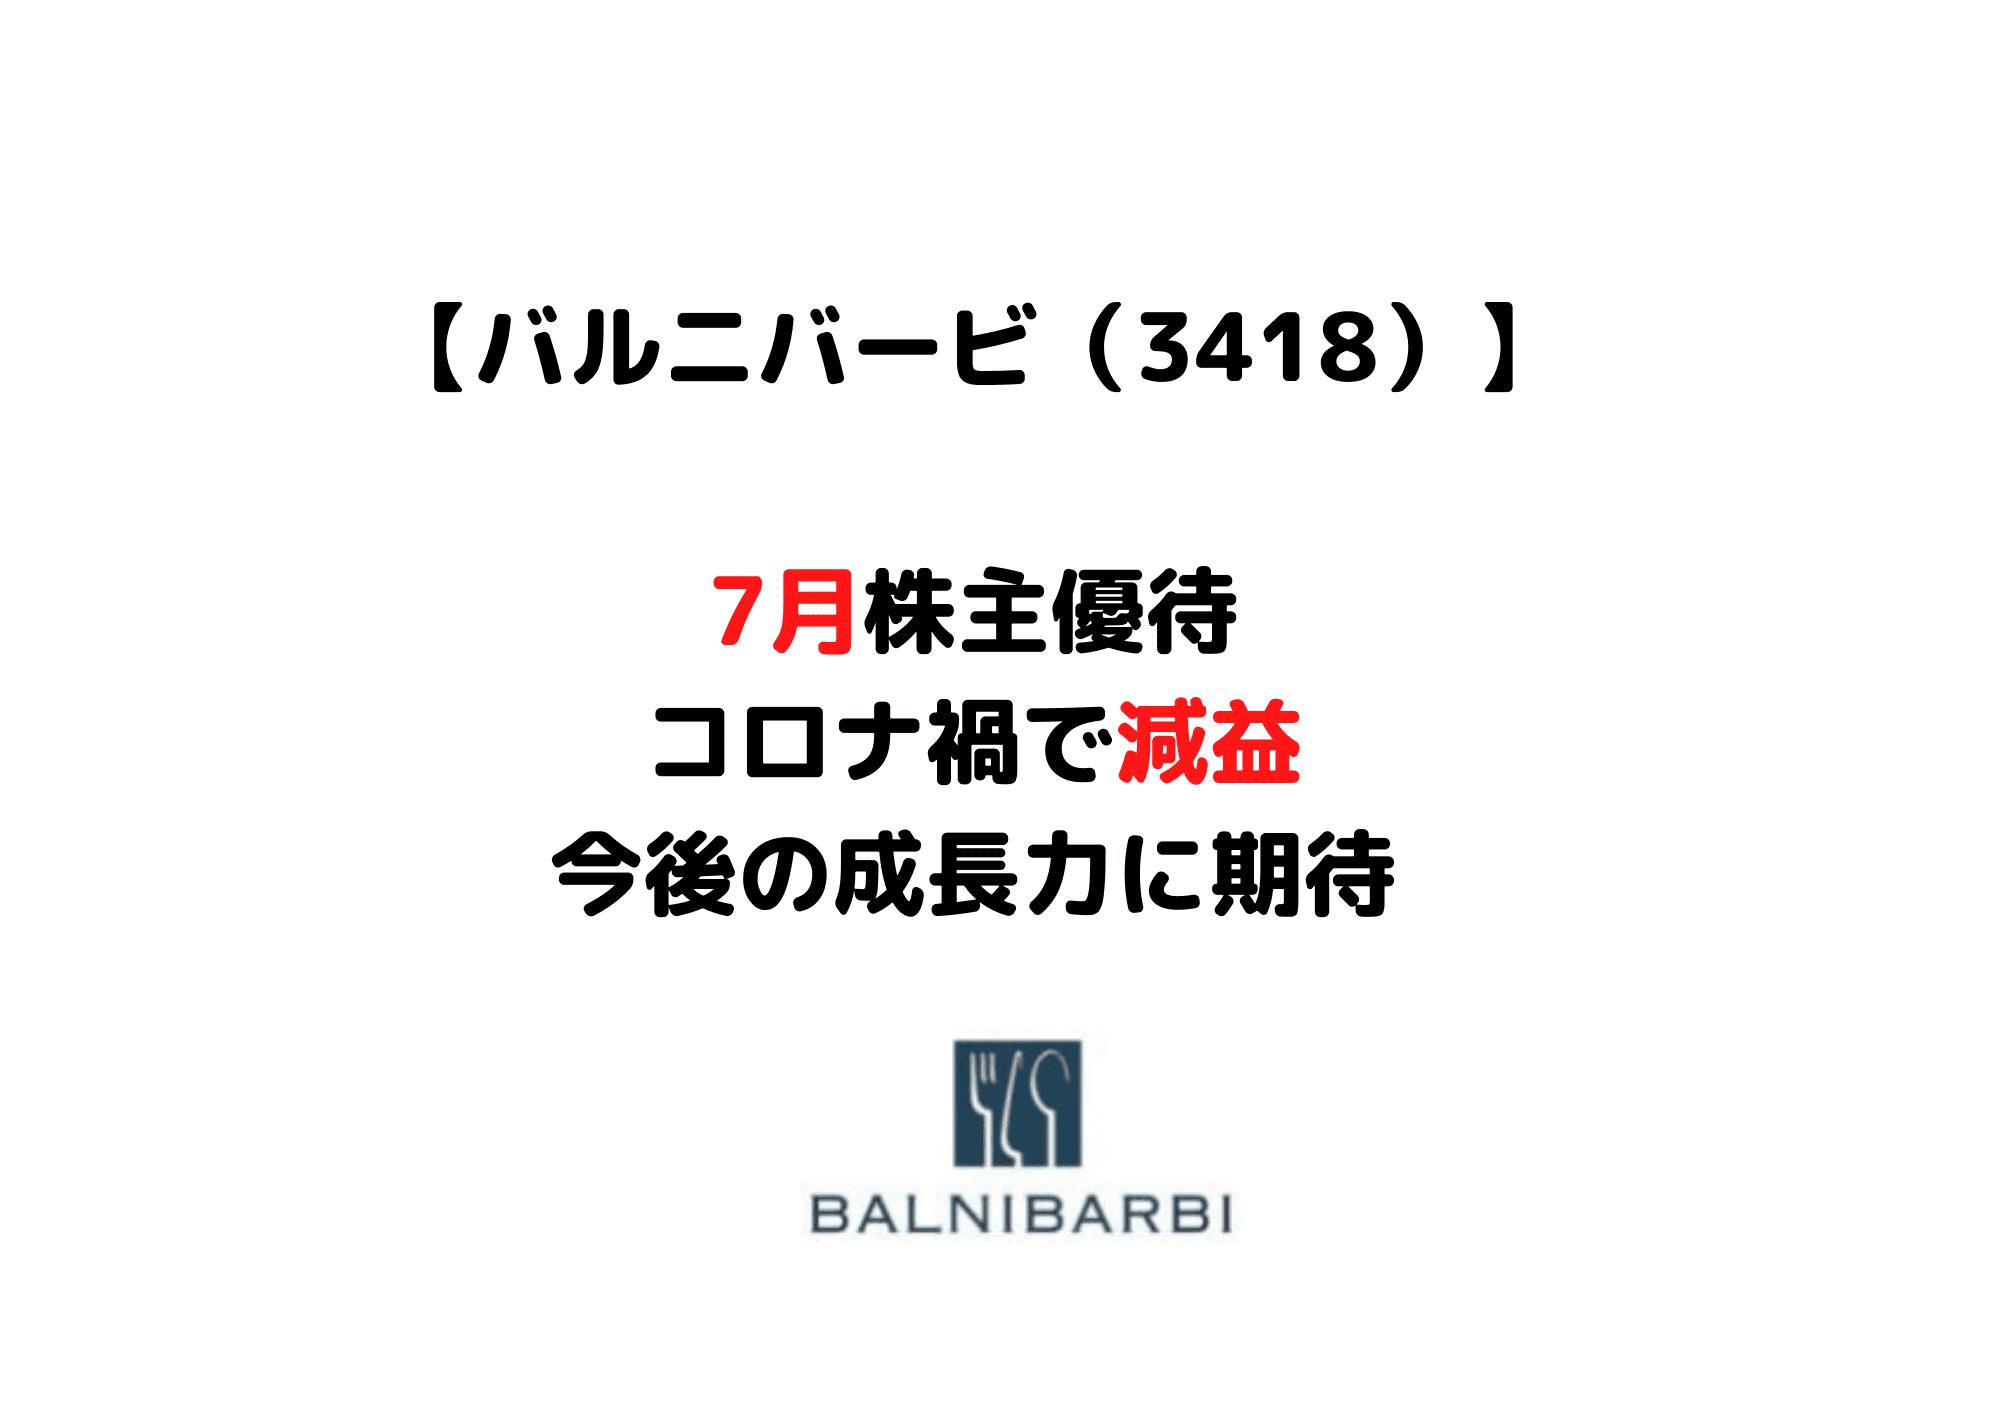 3418 バルニバービ (1)